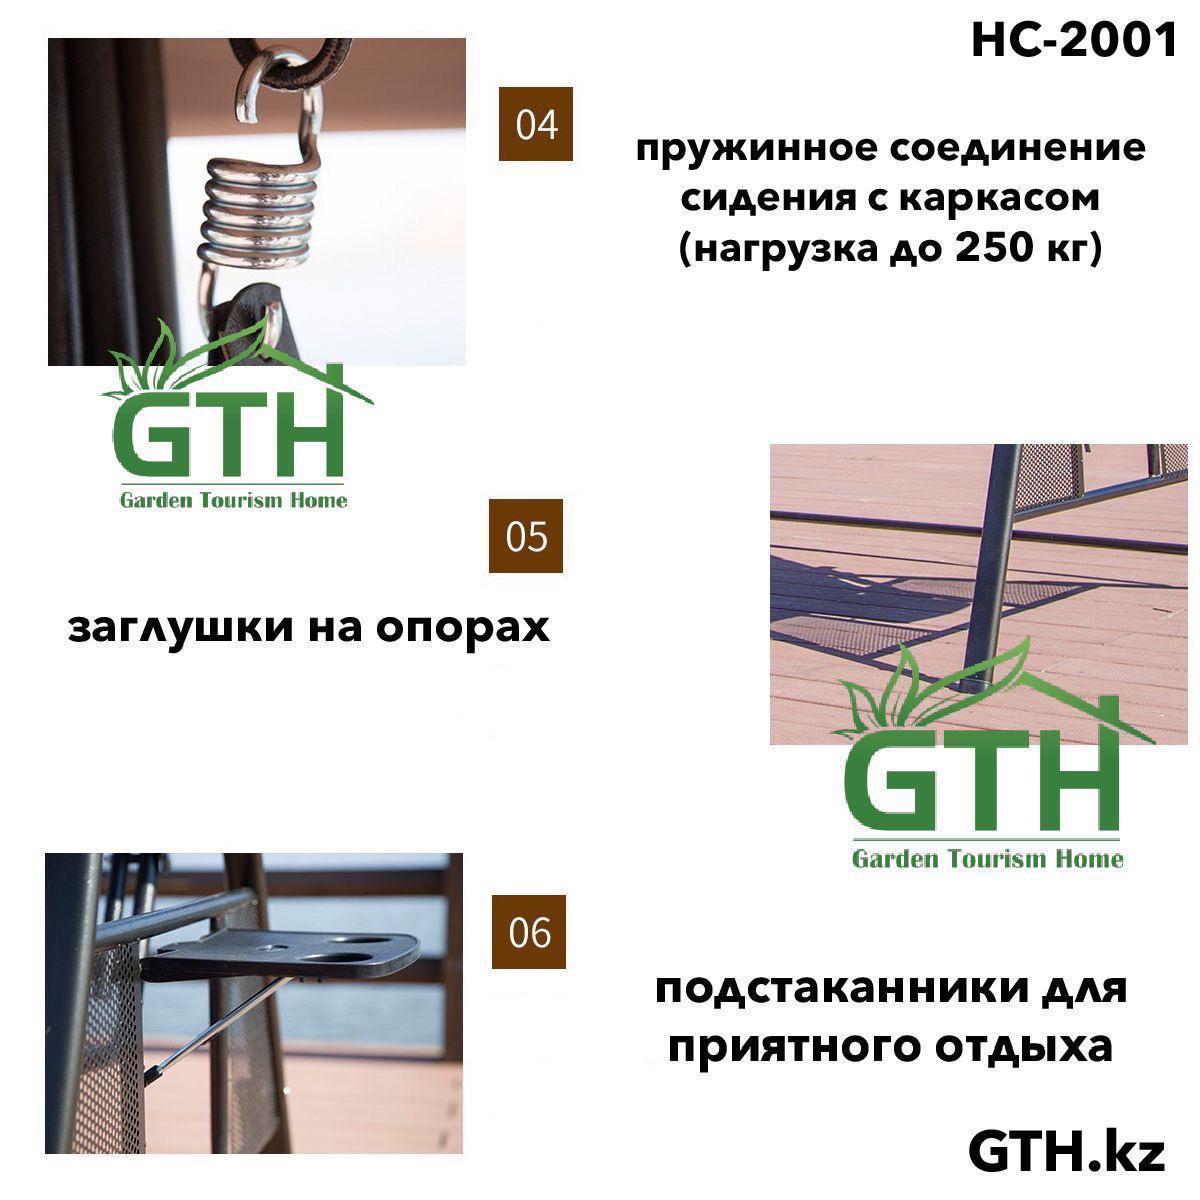 Садовые качели HC-2001. Трехместные, нагрузка 250 кг. Доставка и сборка. - фото 3